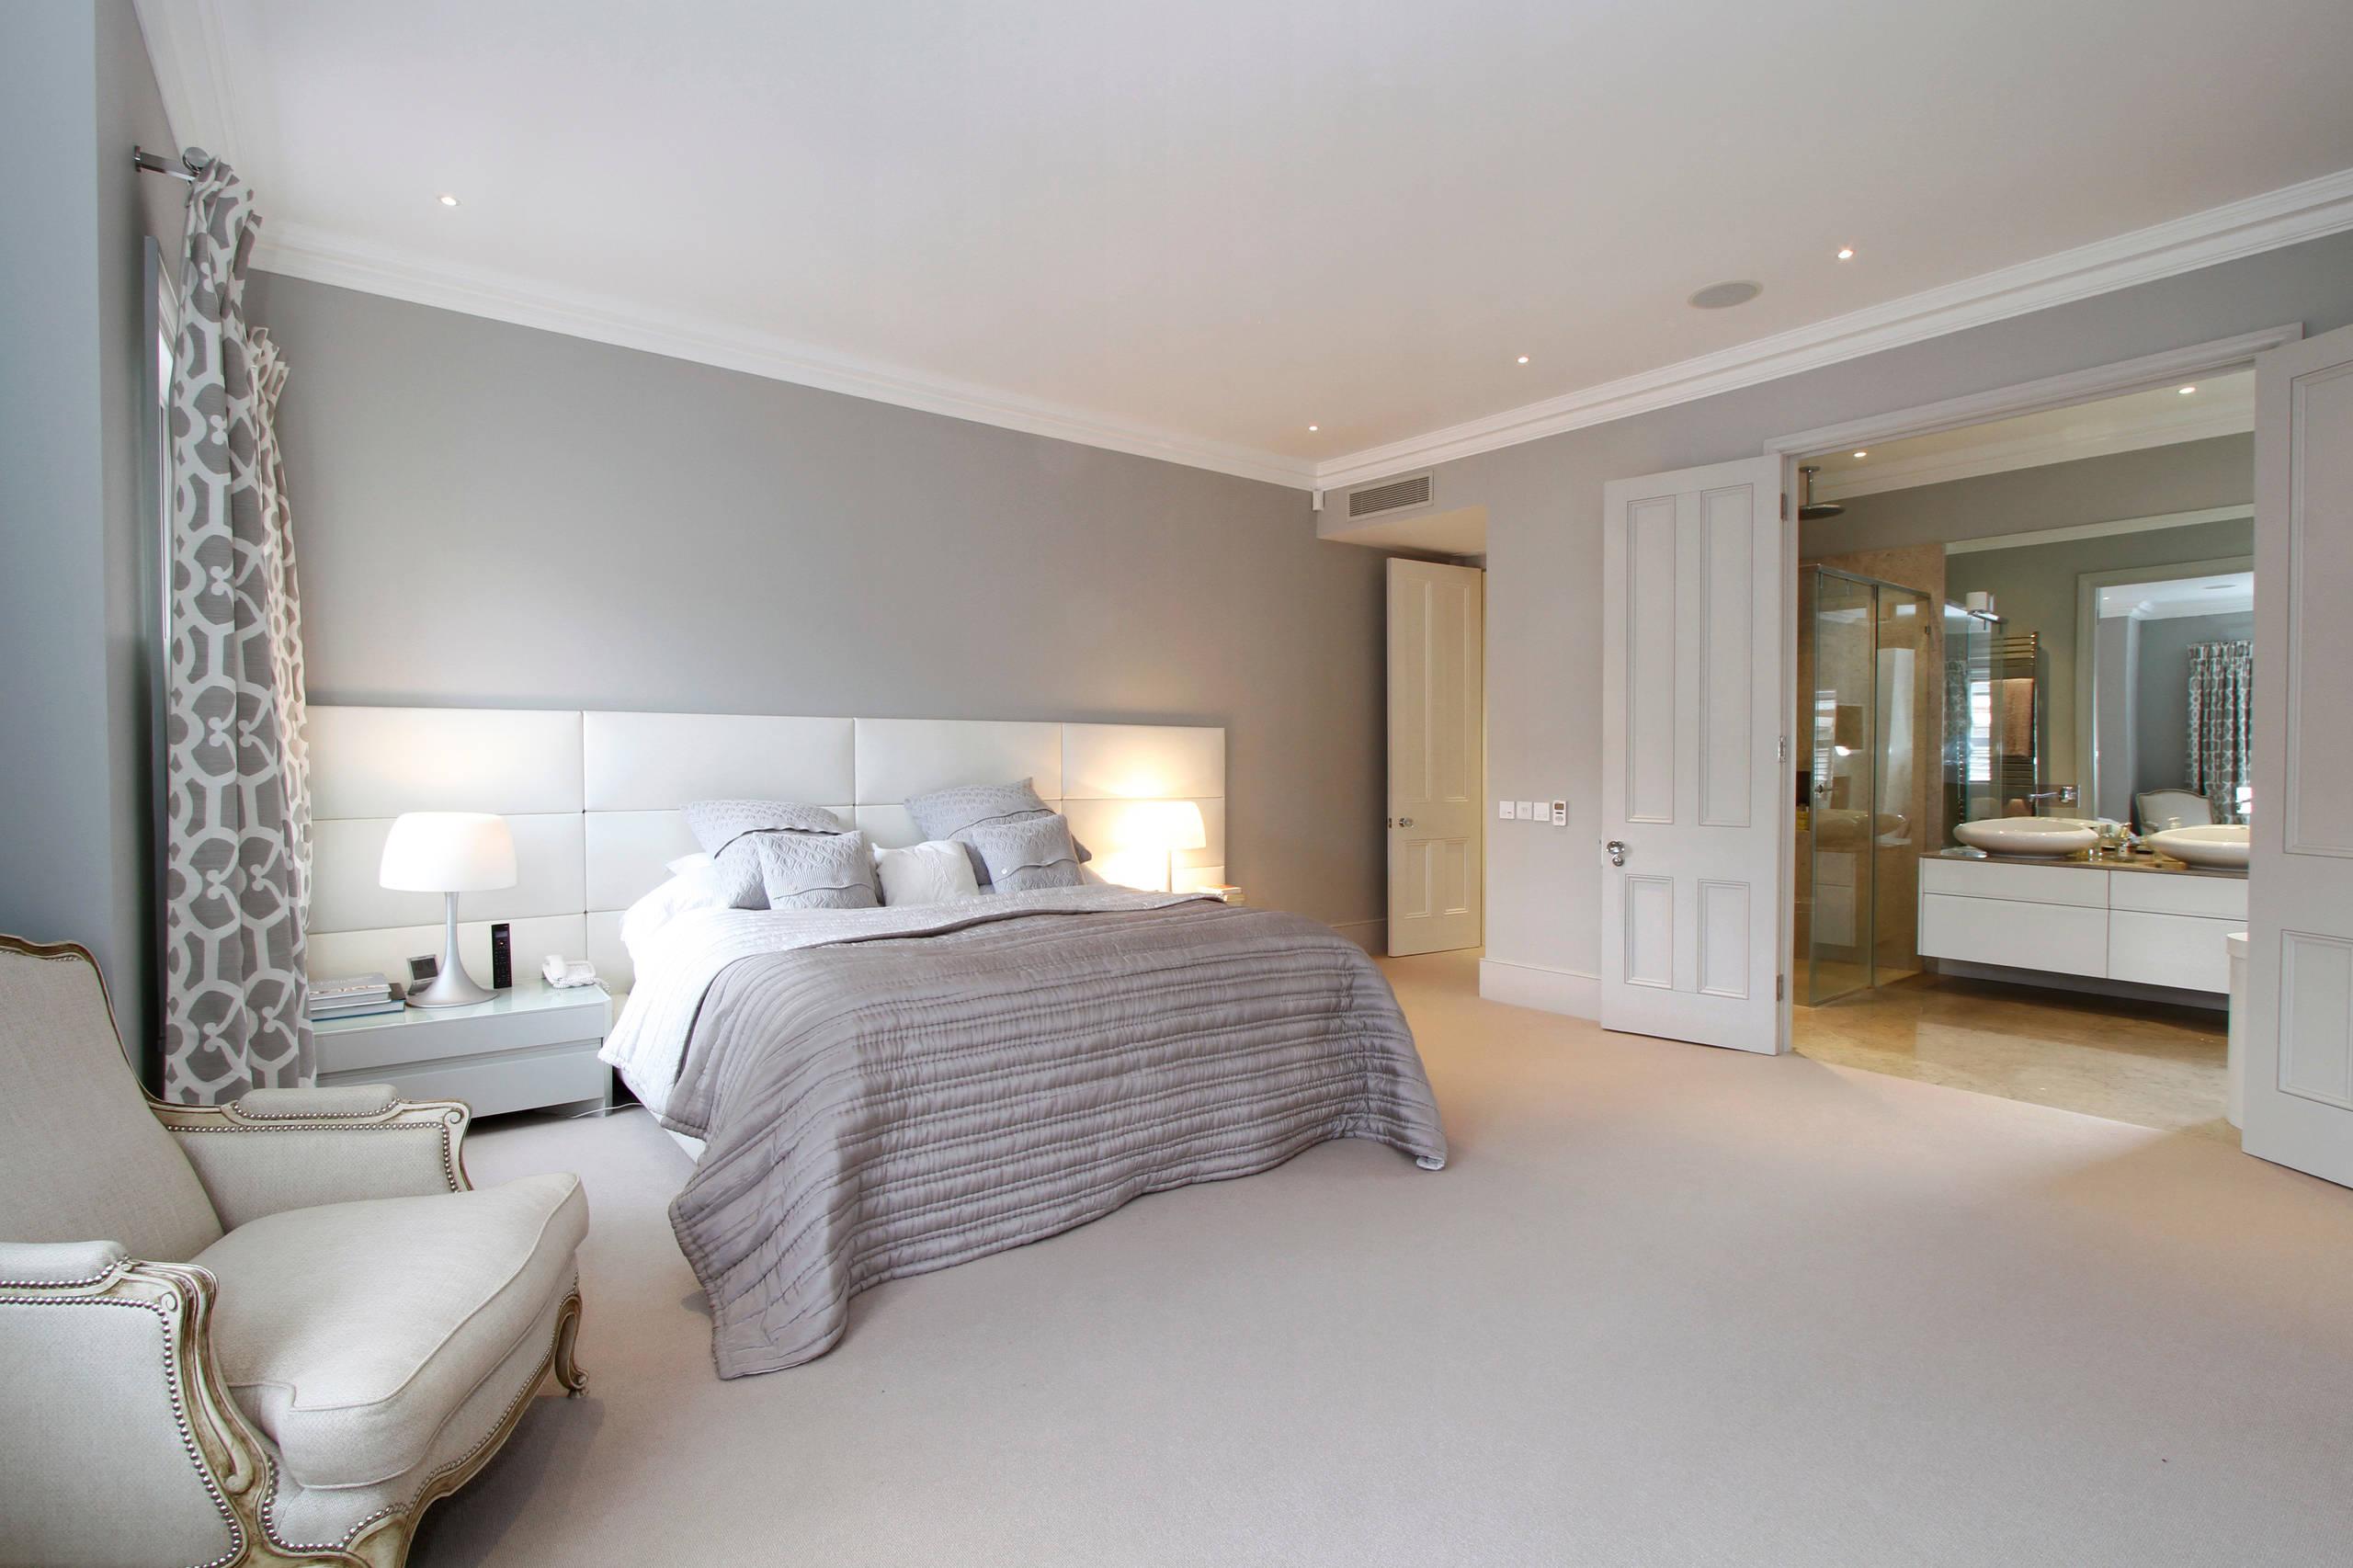 Master Bedroom Suite Designs Houzz